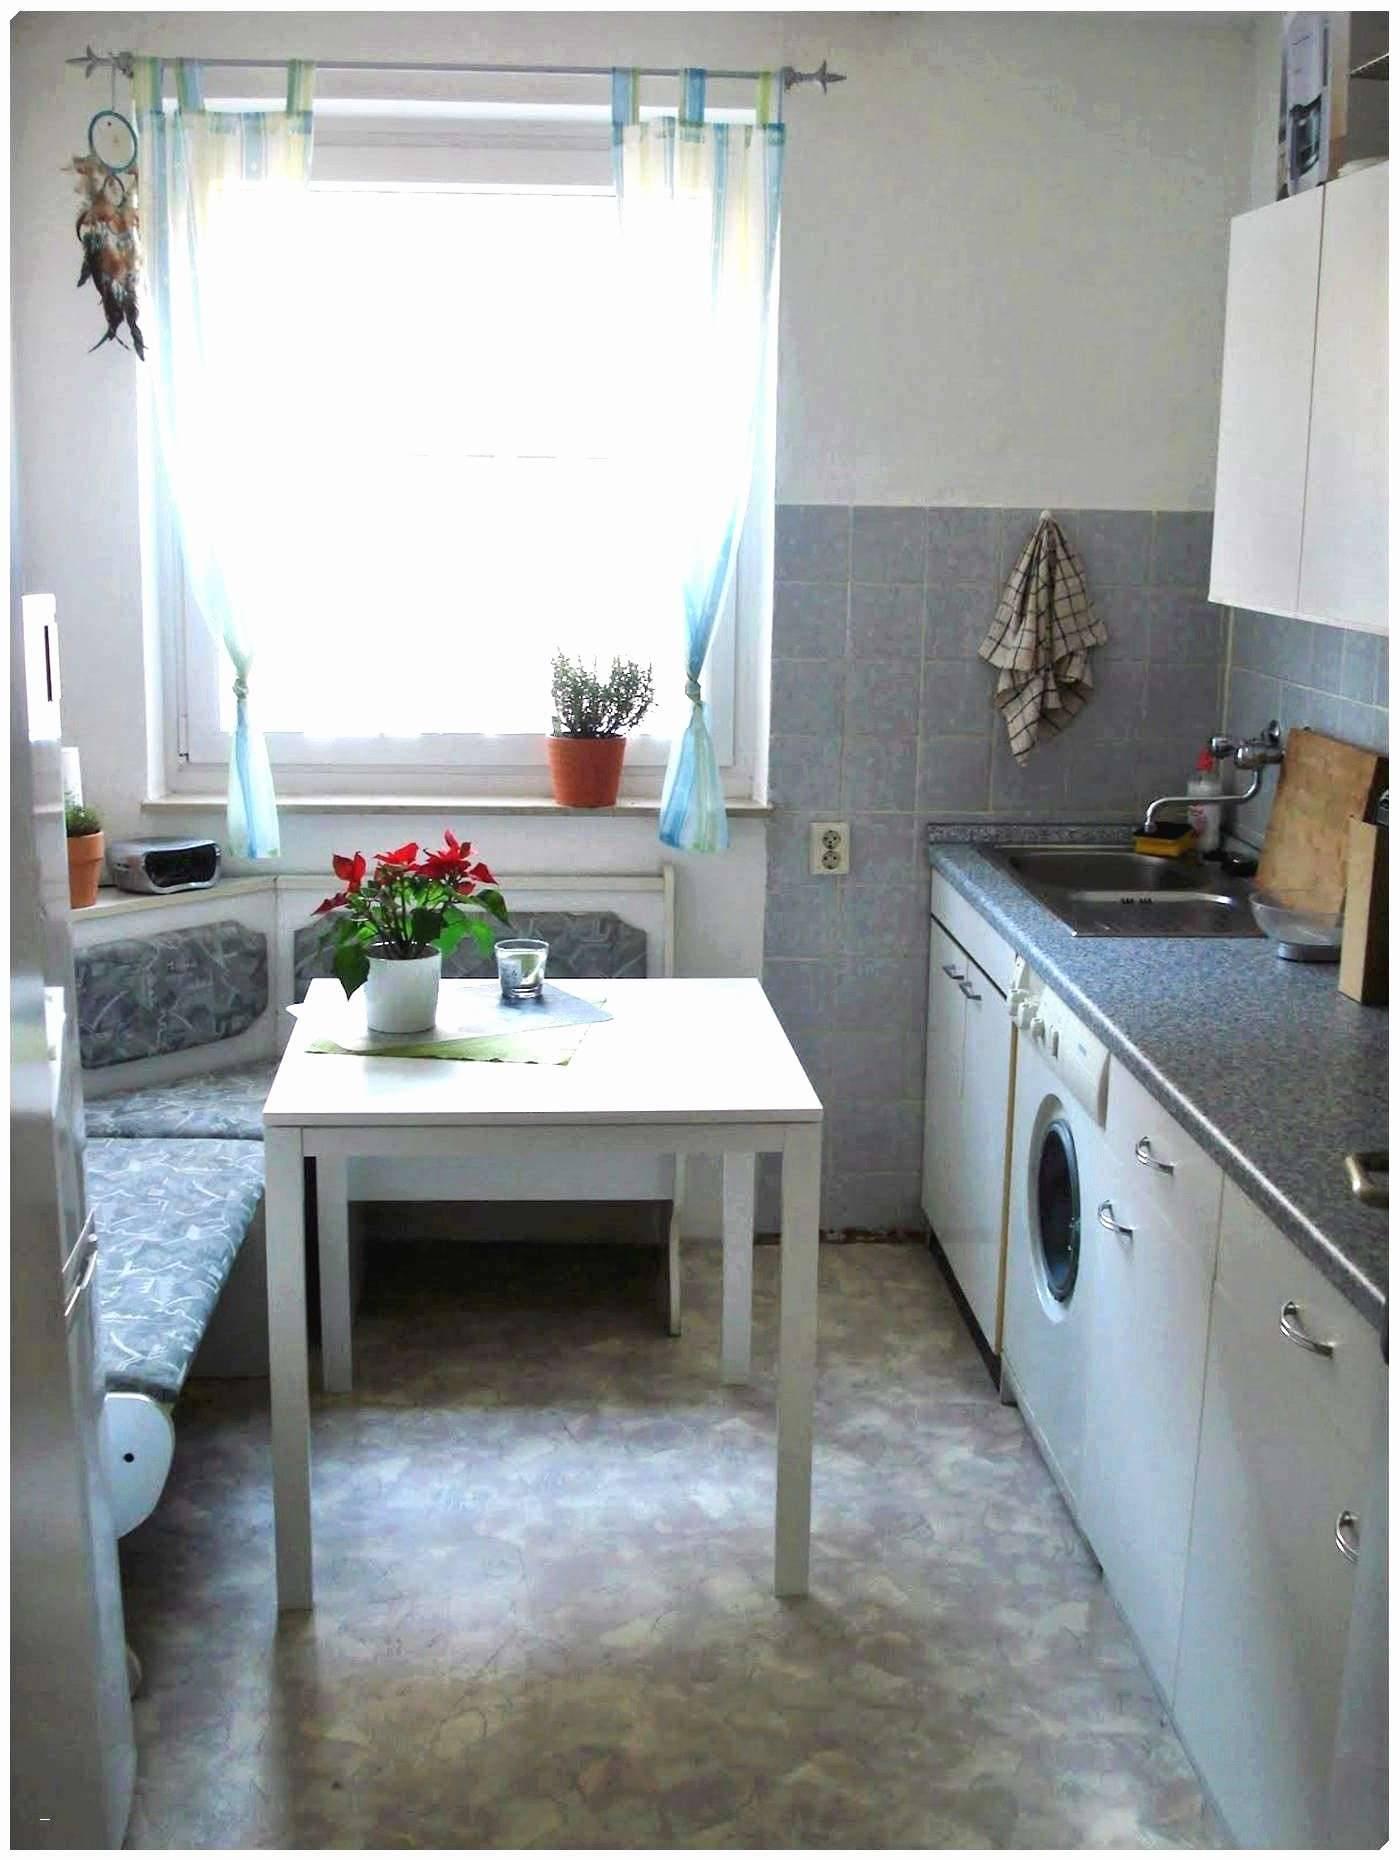 wohnzimmer deko home super deko ideen holz schon deko ideen diy attraktiv regal schlafzimmer 0d of wohnzimmer deko home